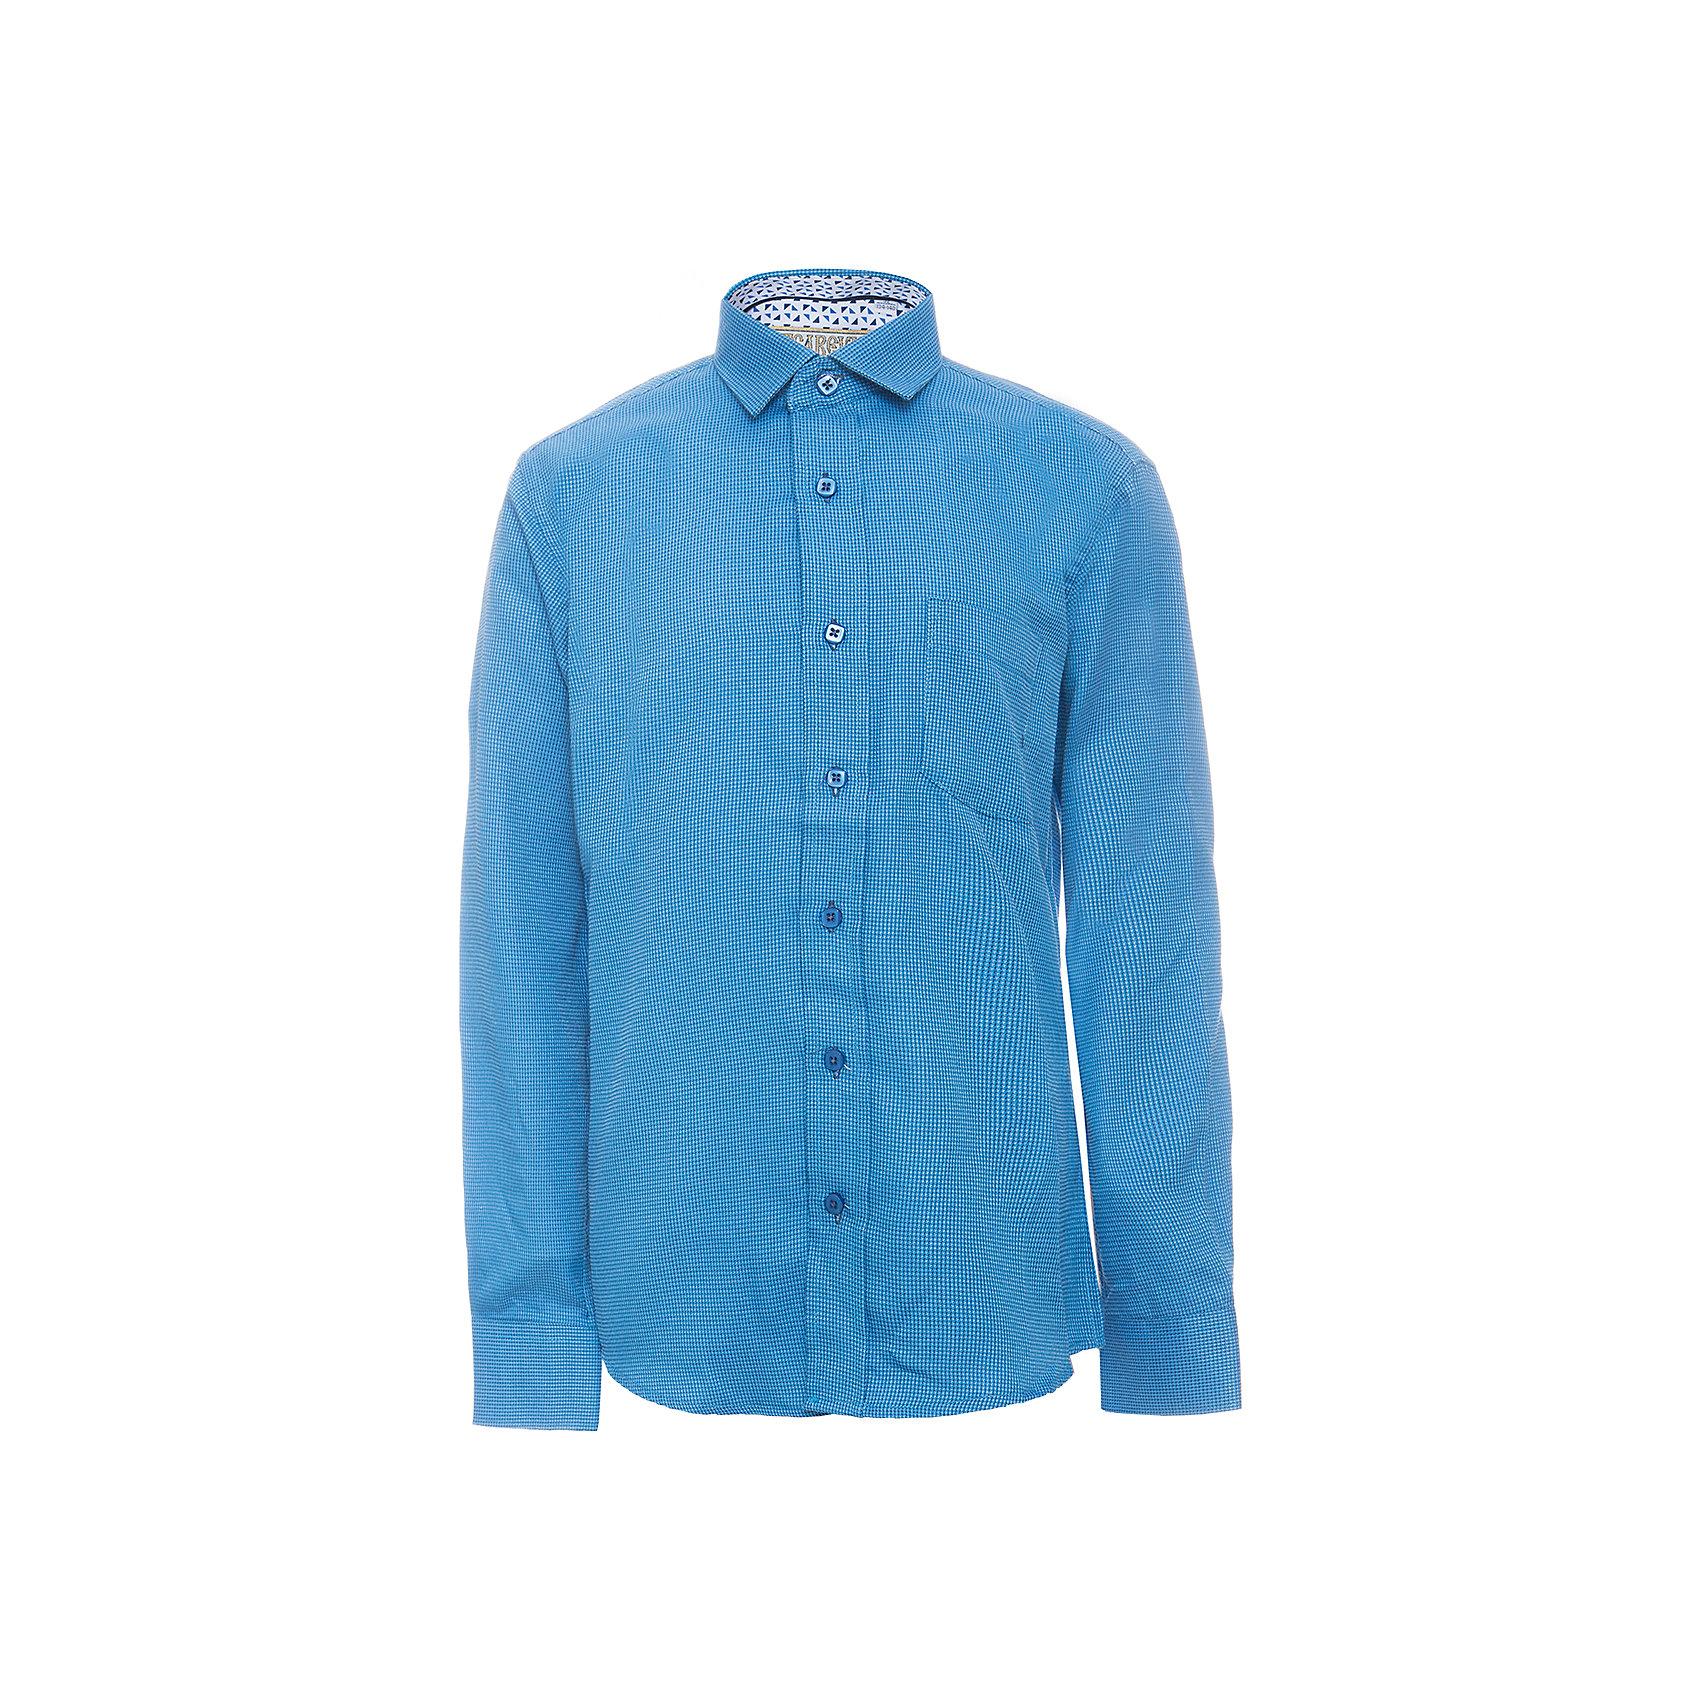 Рубашка для мальчика TsarevichБлузки и рубашки<br>Характеристики товара:<br><br>• цвет: синий<br>• состав ткани: 80% хлопок, 20% полиэстер<br>• особенности: школьная, праздничная<br>• застежка: пуговицы<br>• рукава: длинные<br>• сезон: круглый год<br>• страна бренда: Российская Федерация<br>• страна изготовитель: Китай<br><br>Классическая сорочка для мальчика - отличный вариант практичной и стильной школьной одежды.<br><br>Накладной карман, воротник с отсрочкой, свободный крой, классическая форма, дышащая ткань с преобладанием хлопка - красиво и удобно.<br><br>Рубашку для мальчика Tsarevich (Царевич) можно купить в нашем интернет-магазине.<br><br>Ширина мм: 174<br>Глубина мм: 10<br>Высота мм: 169<br>Вес г: 157<br>Цвет: голубой<br>Возраст от месяцев: 156<br>Возраст до месяцев: 168<br>Пол: Мужской<br>Возраст: Детский<br>Размер: 164/170,122/128,128/134,134/140,140/146,146/152,146/152,152/158,152/158,158/164<br>SKU: 6860721